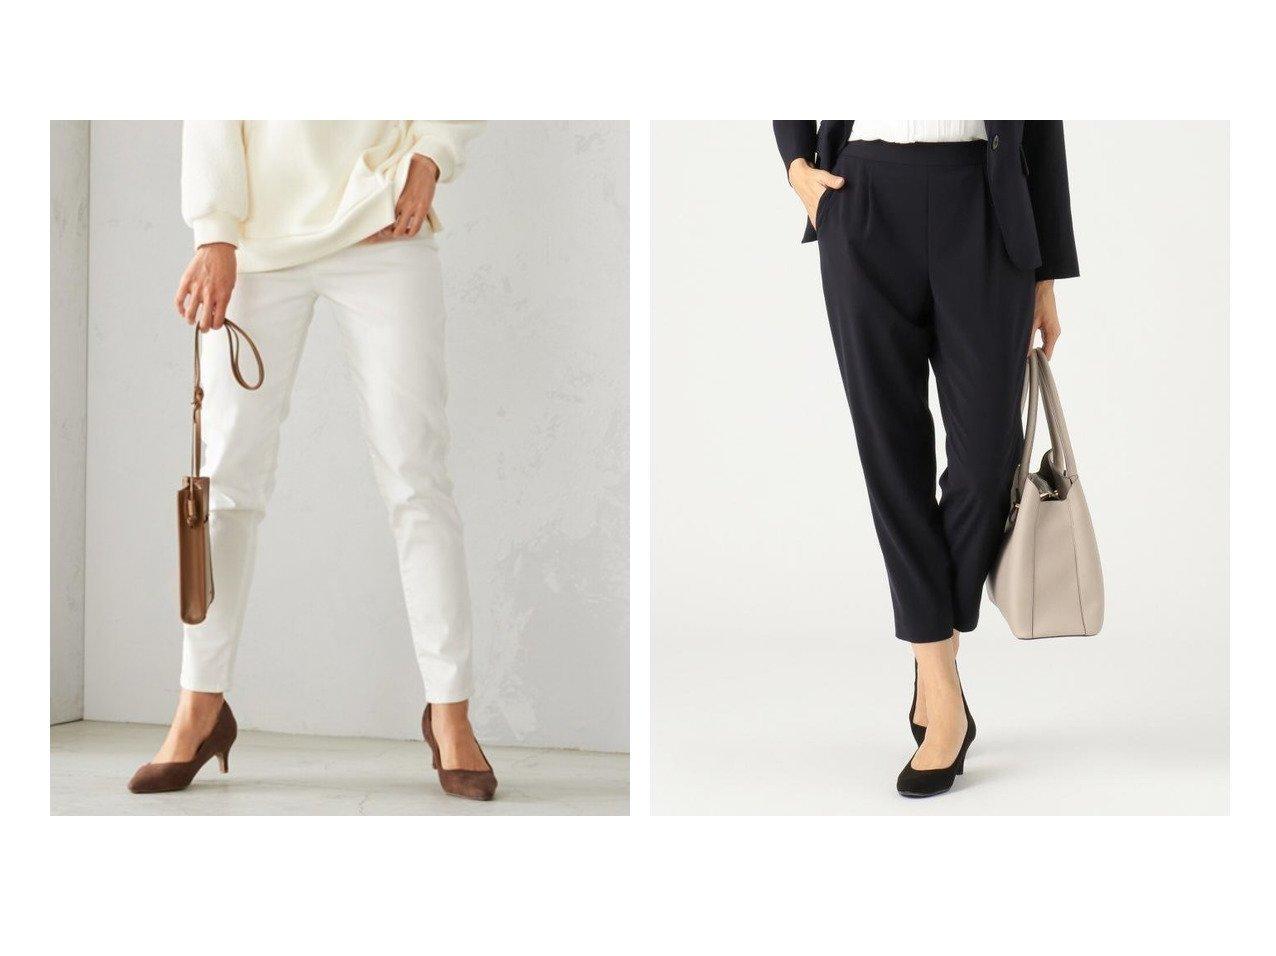 【any SiS/エニィ スィス】の【セットアップ対応】セレモニーダブルクロス テーパードパンツ&【COMME CA ISM/コムサイズム】のホワイトデニム スリムパンツ パンツのおすすめ!人気、トレンド・レディースファッションの通販  おすすめで人気の流行・トレンド、ファッションの通販商品 メンズファッション・キッズファッション・インテリア・家具・レディースファッション・服の通販 founy(ファニー) https://founy.com/ ファッション Fashion レディースファッション WOMEN パンツ Pants デニムパンツ Denim Pants セットアップ Setup パンツ Pants スキニー ストレッチ スリム デニム ジャケット スタイリッシュ セットアップ パターン 楽ちん ワイド 再入荷 Restock/Back in Stock/Re Arrival |ID:crp329100000018894